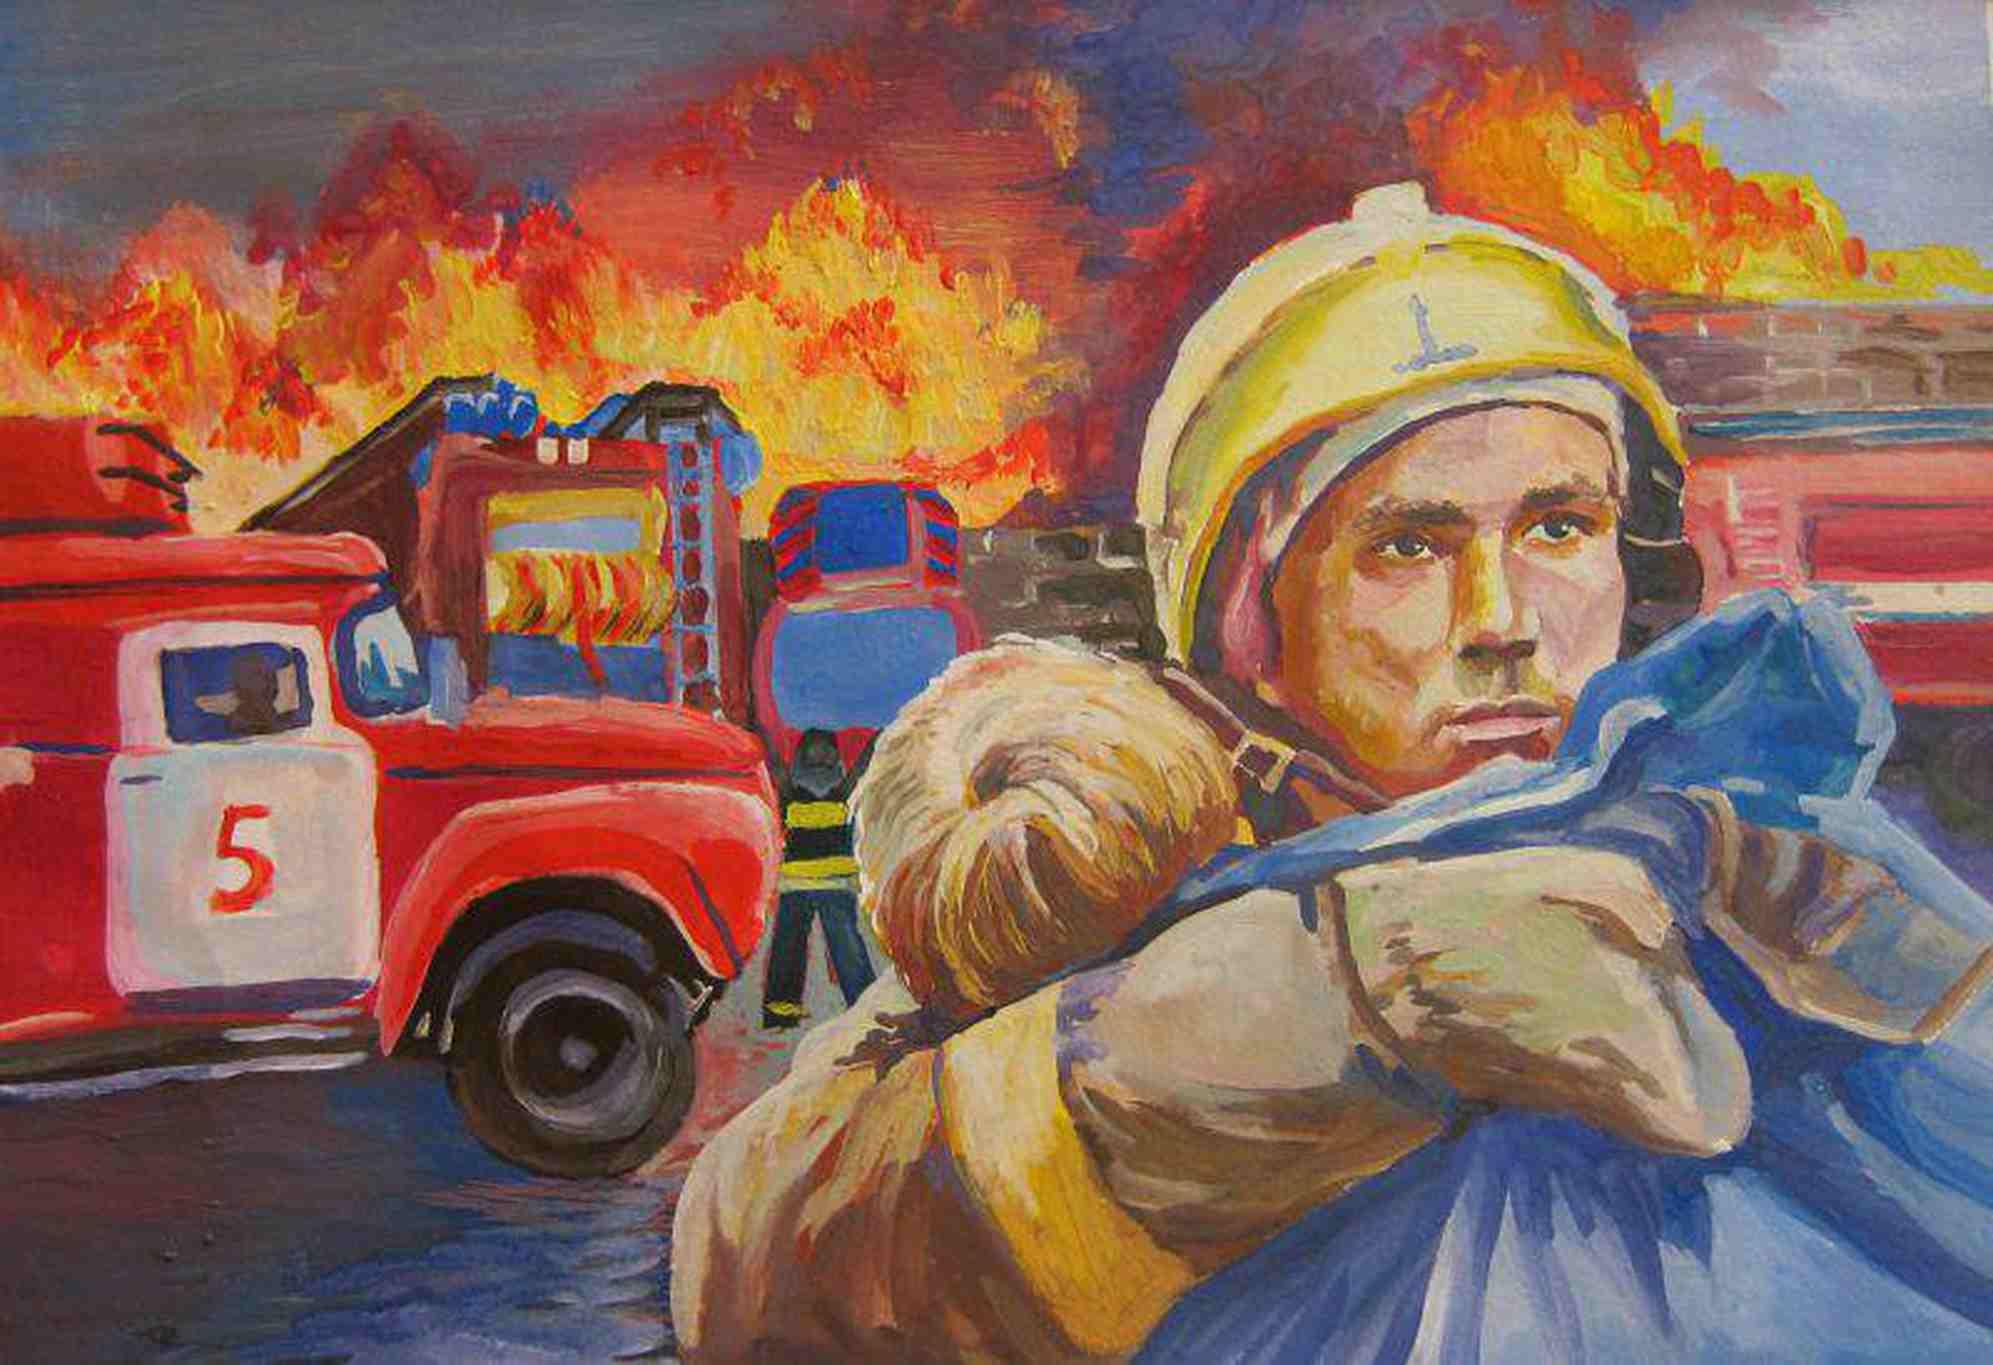 уникальности картинка спасение на пожар неясыть-самый крупный